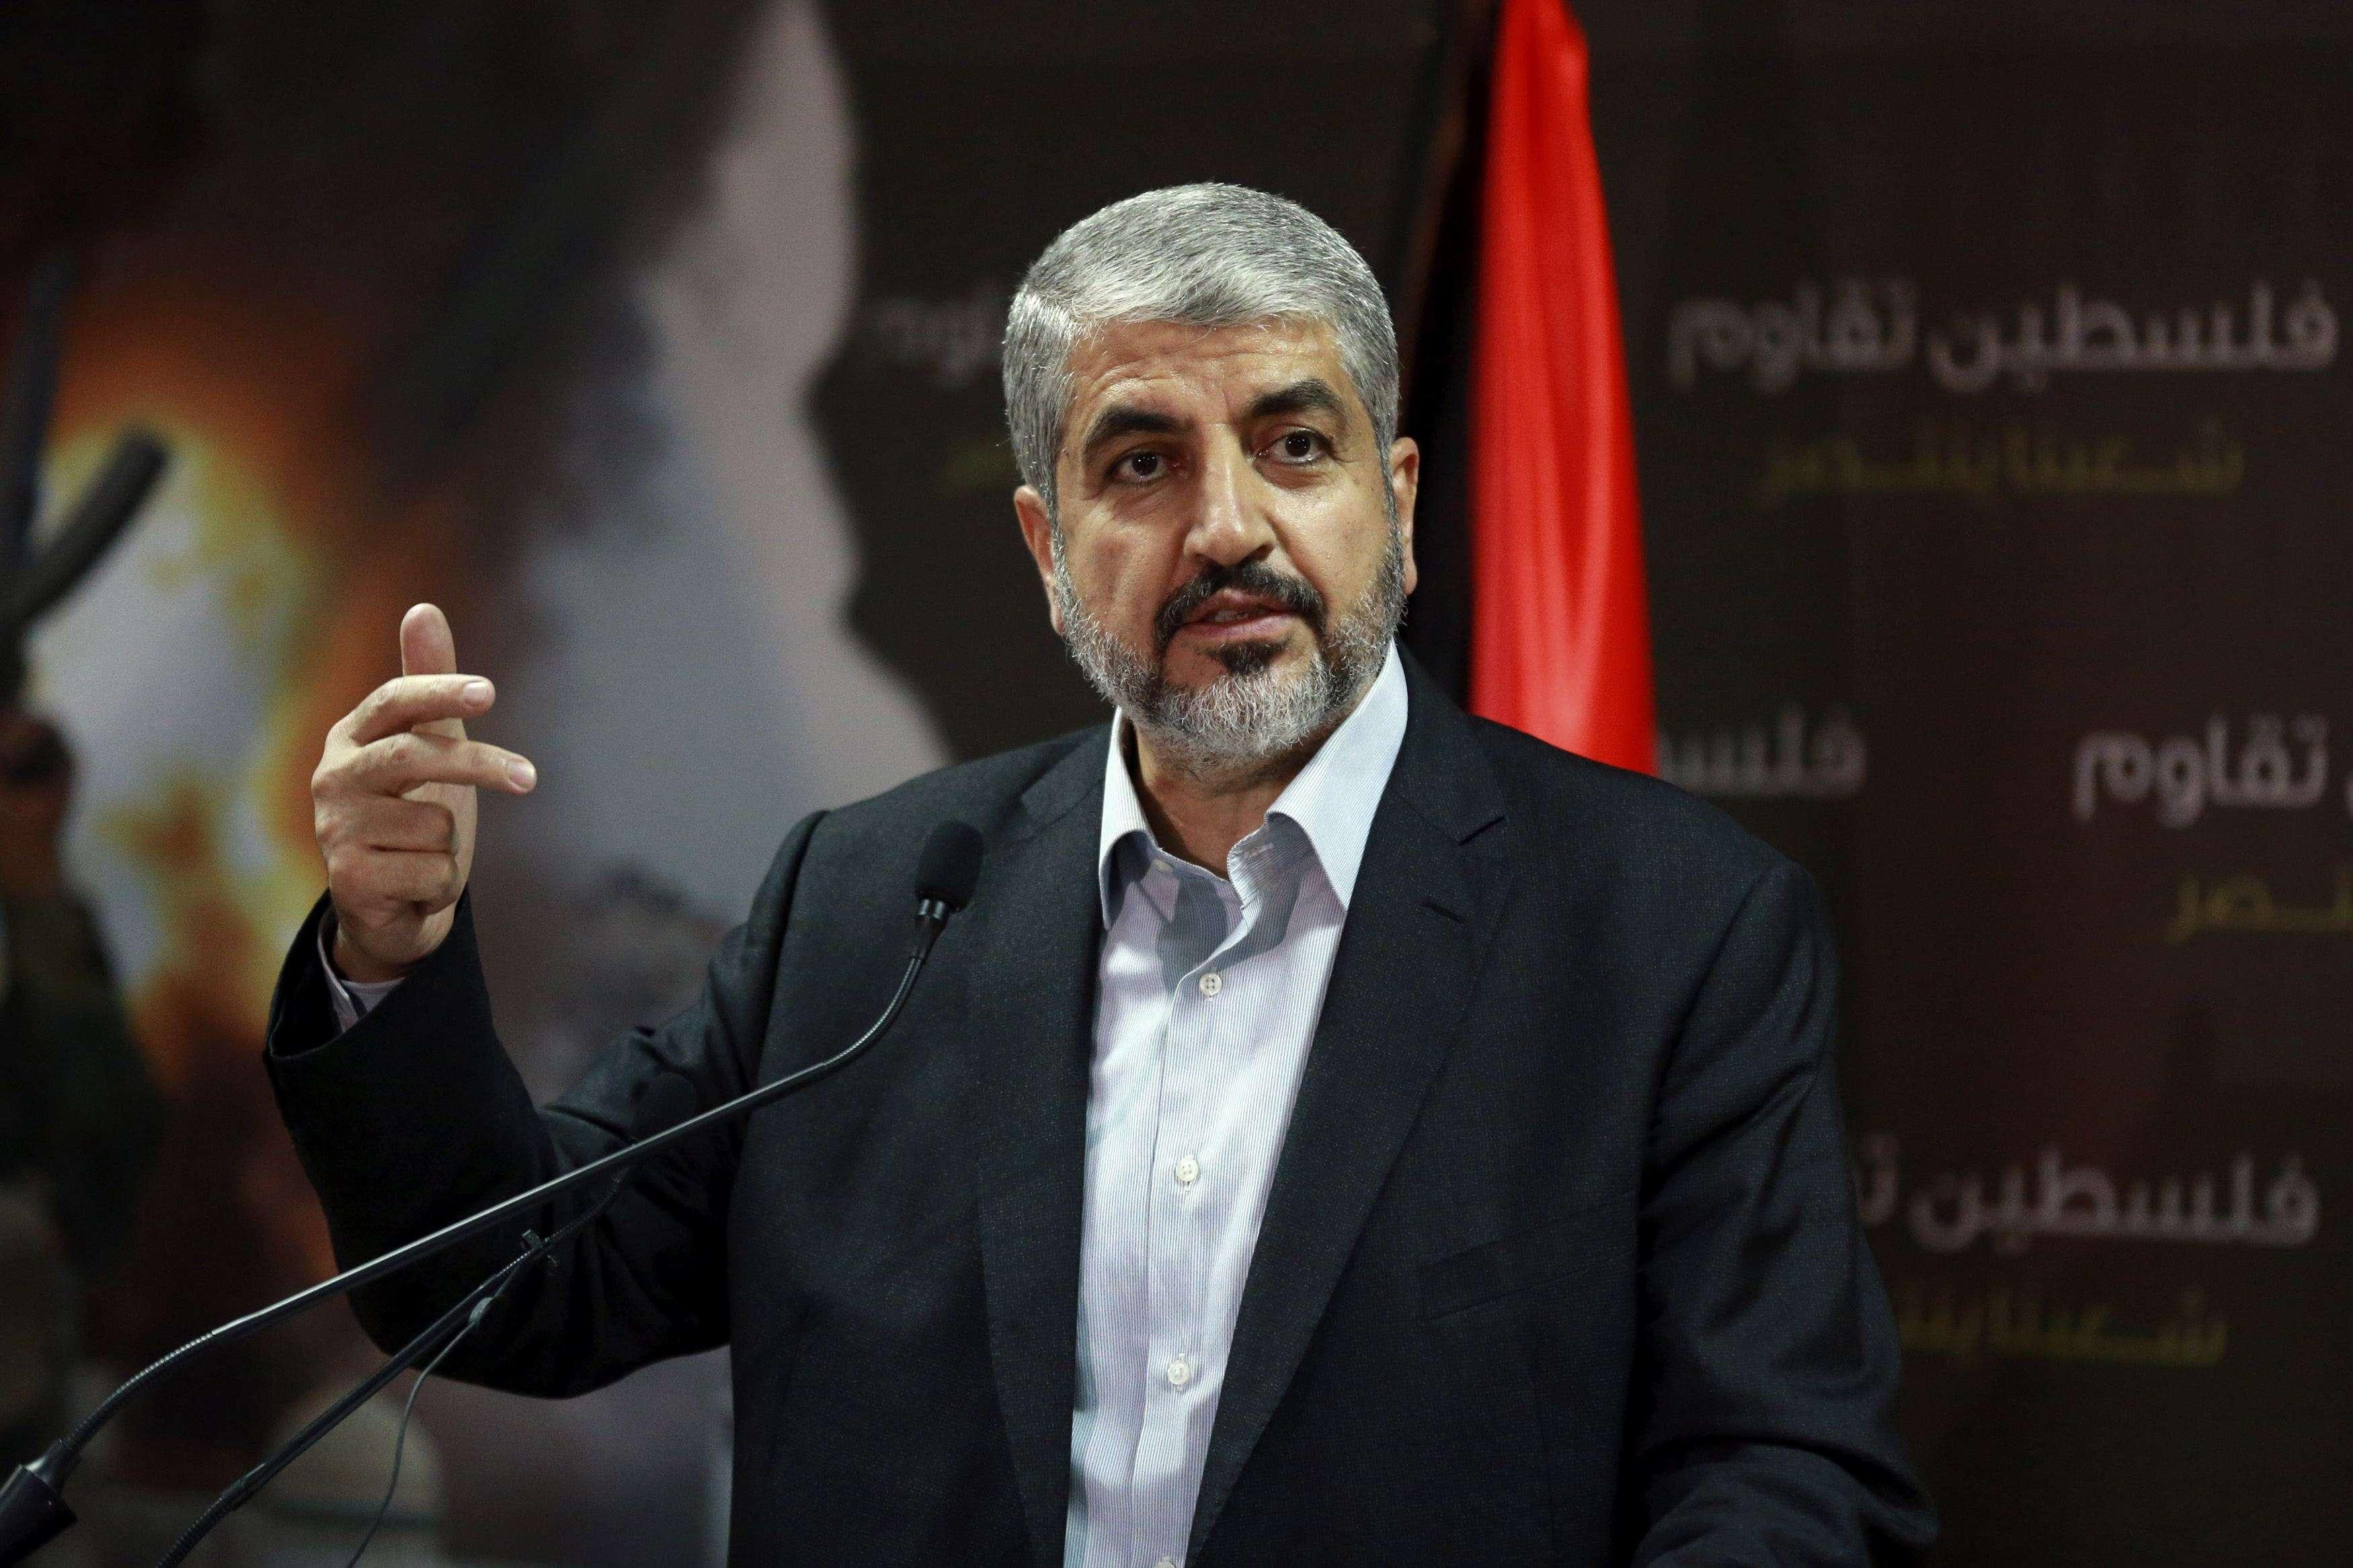 Grupo extremista Hamas rejeita ideia de desarmamento em Gaza